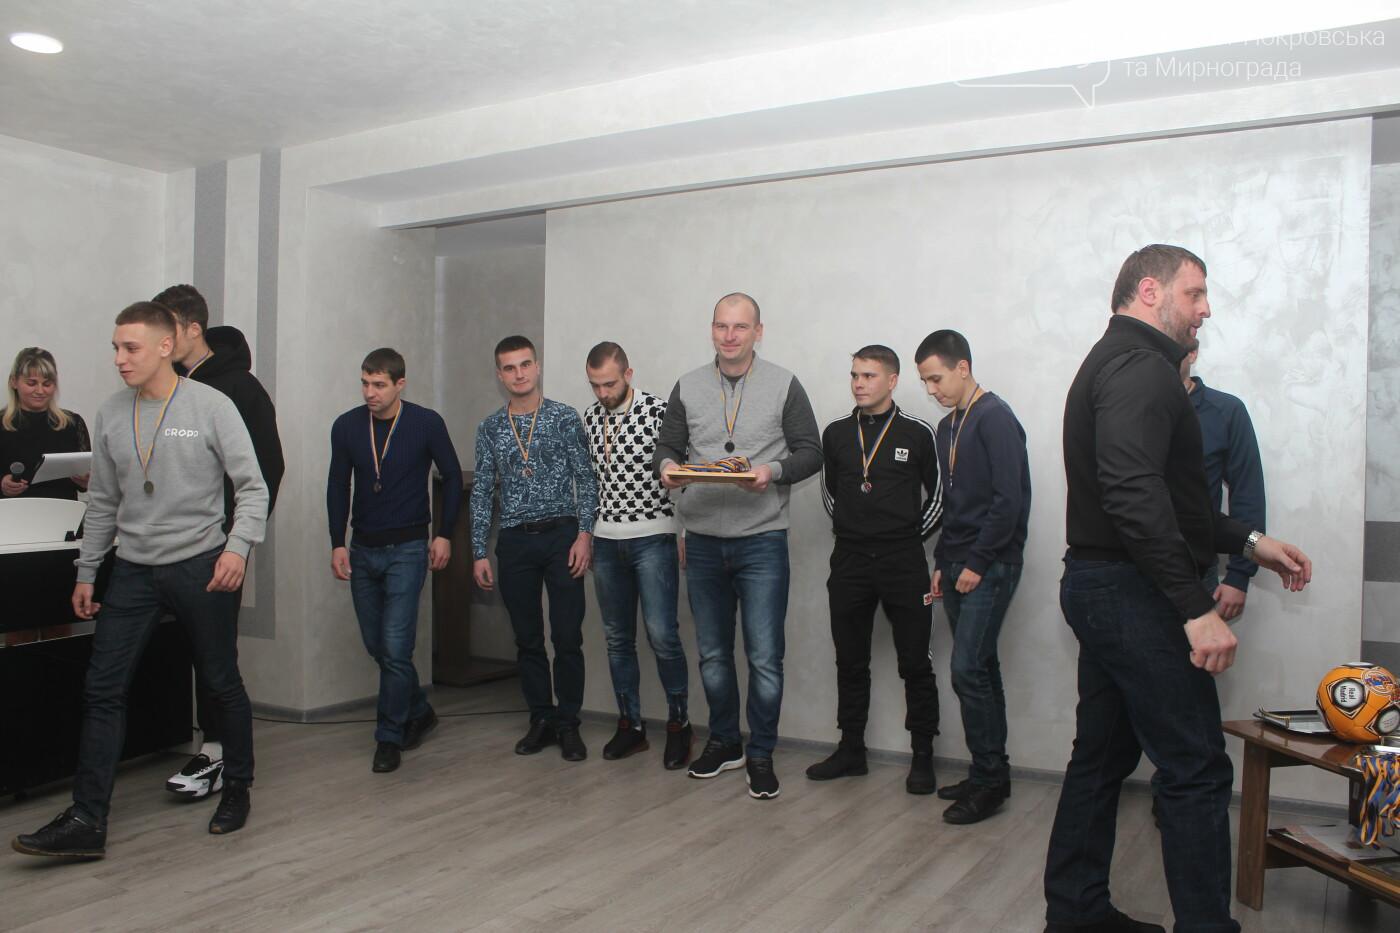 В Покровске состоялось награждение призёров открытого Чемпионата города по футболу, фото-6